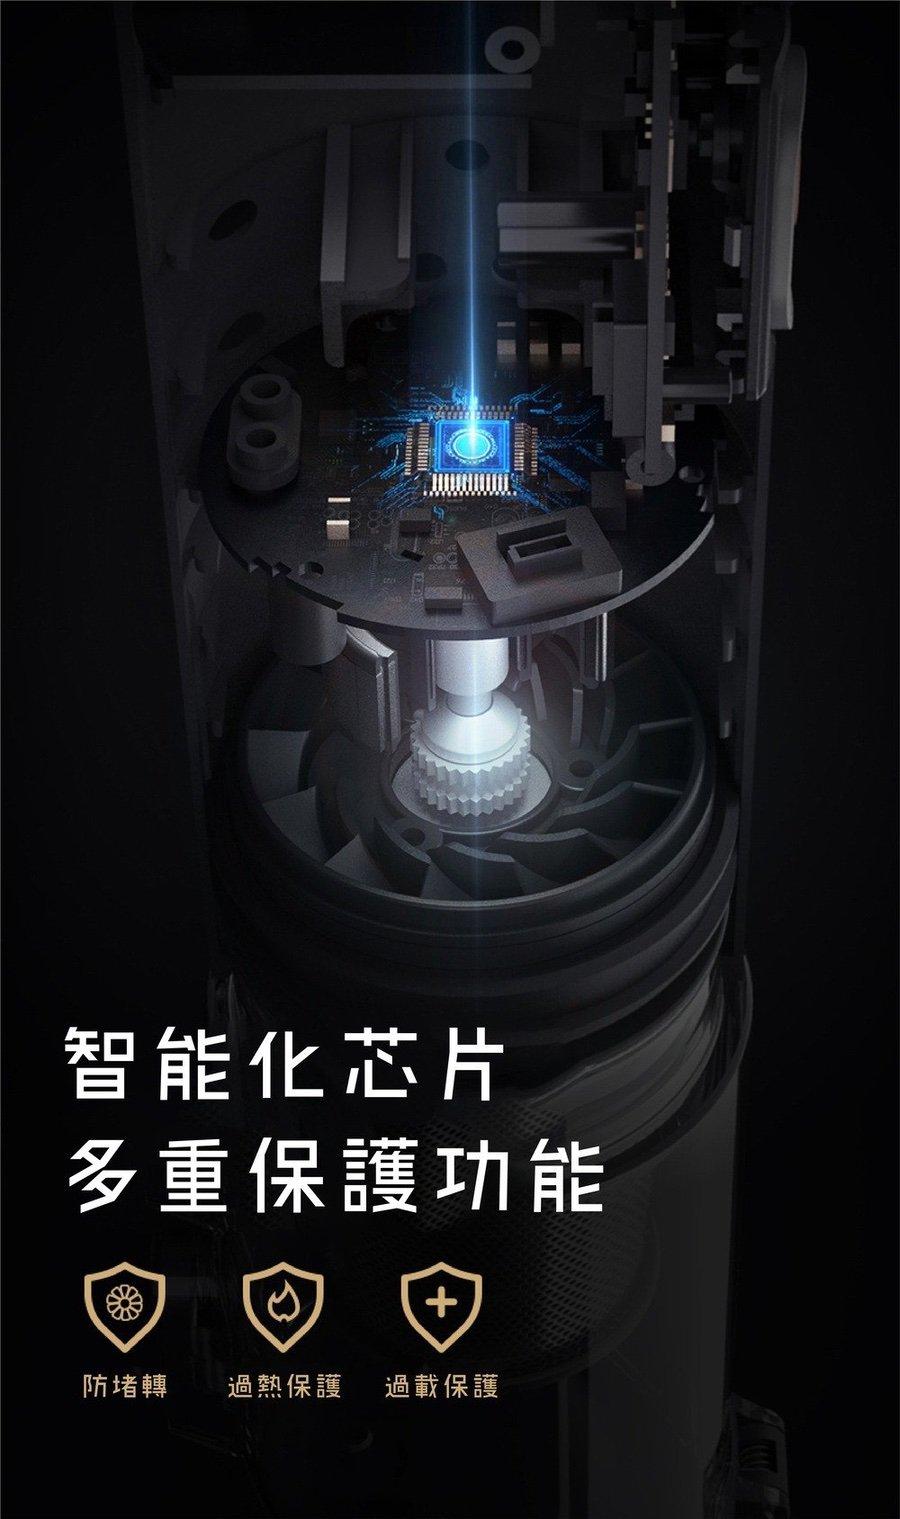 Autobot VX PRO 無線車家兩用吸塵器